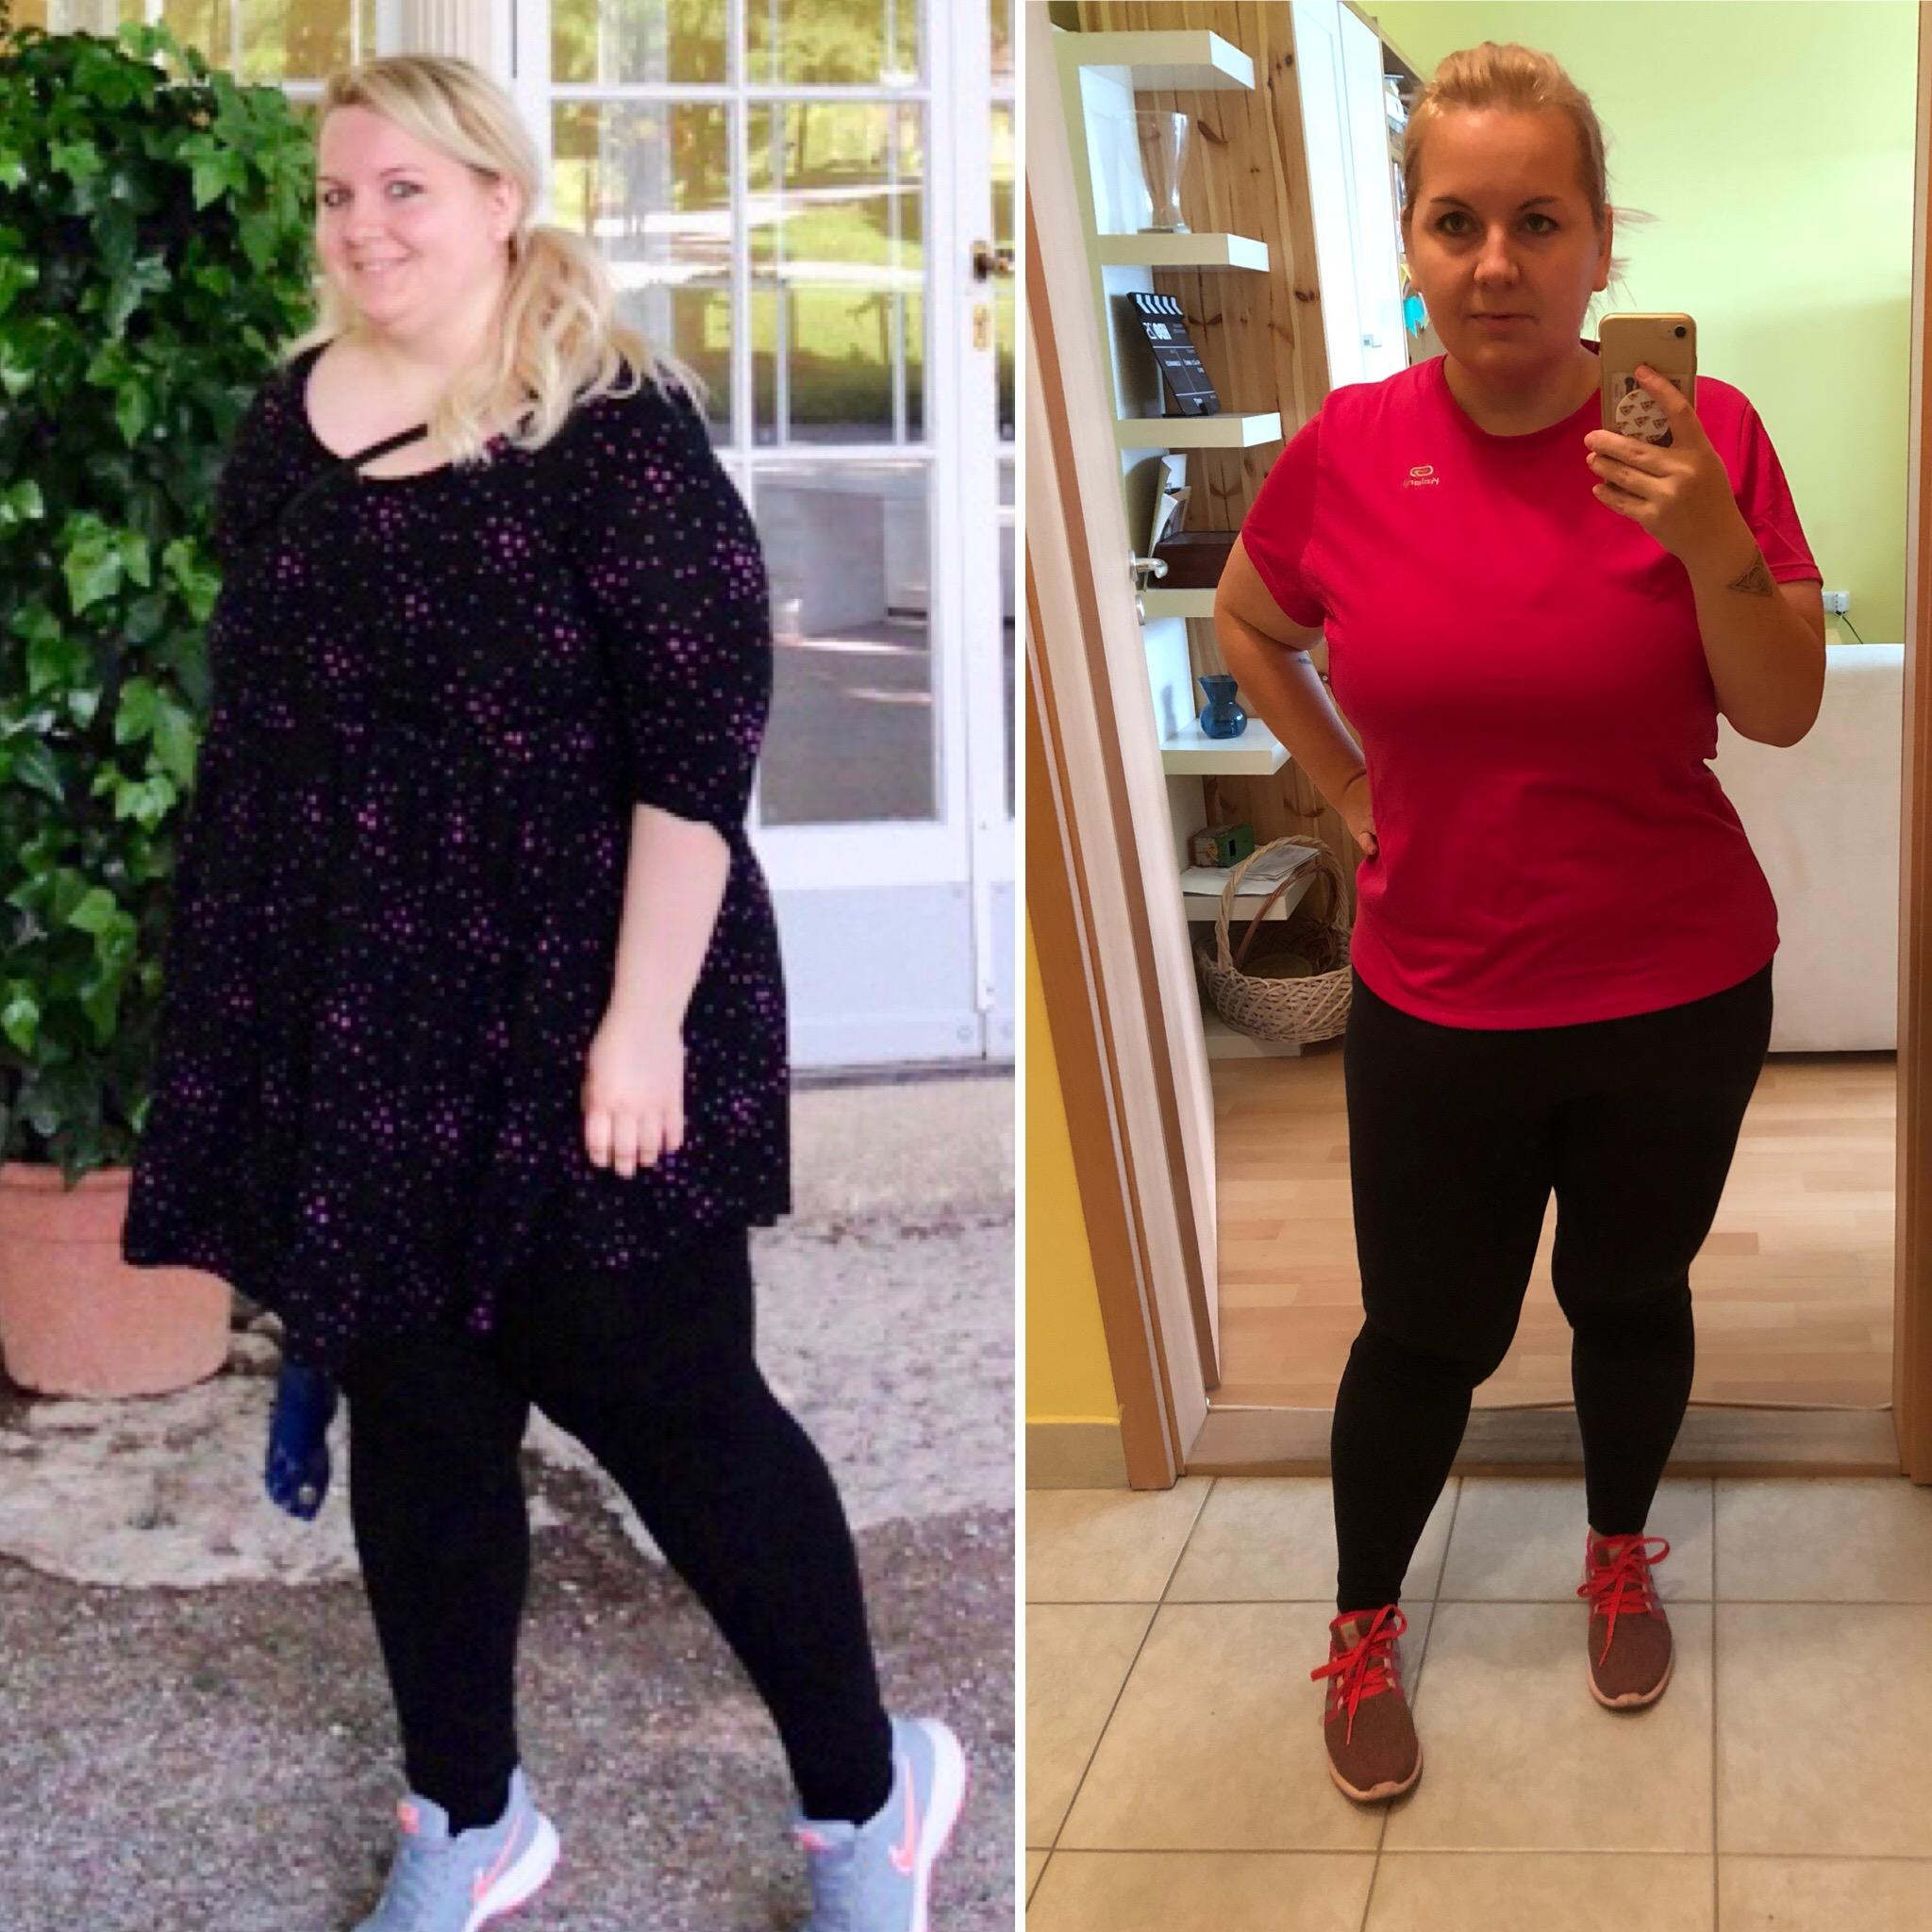 hogyan lehet egy túlsúlyos ember fogyni